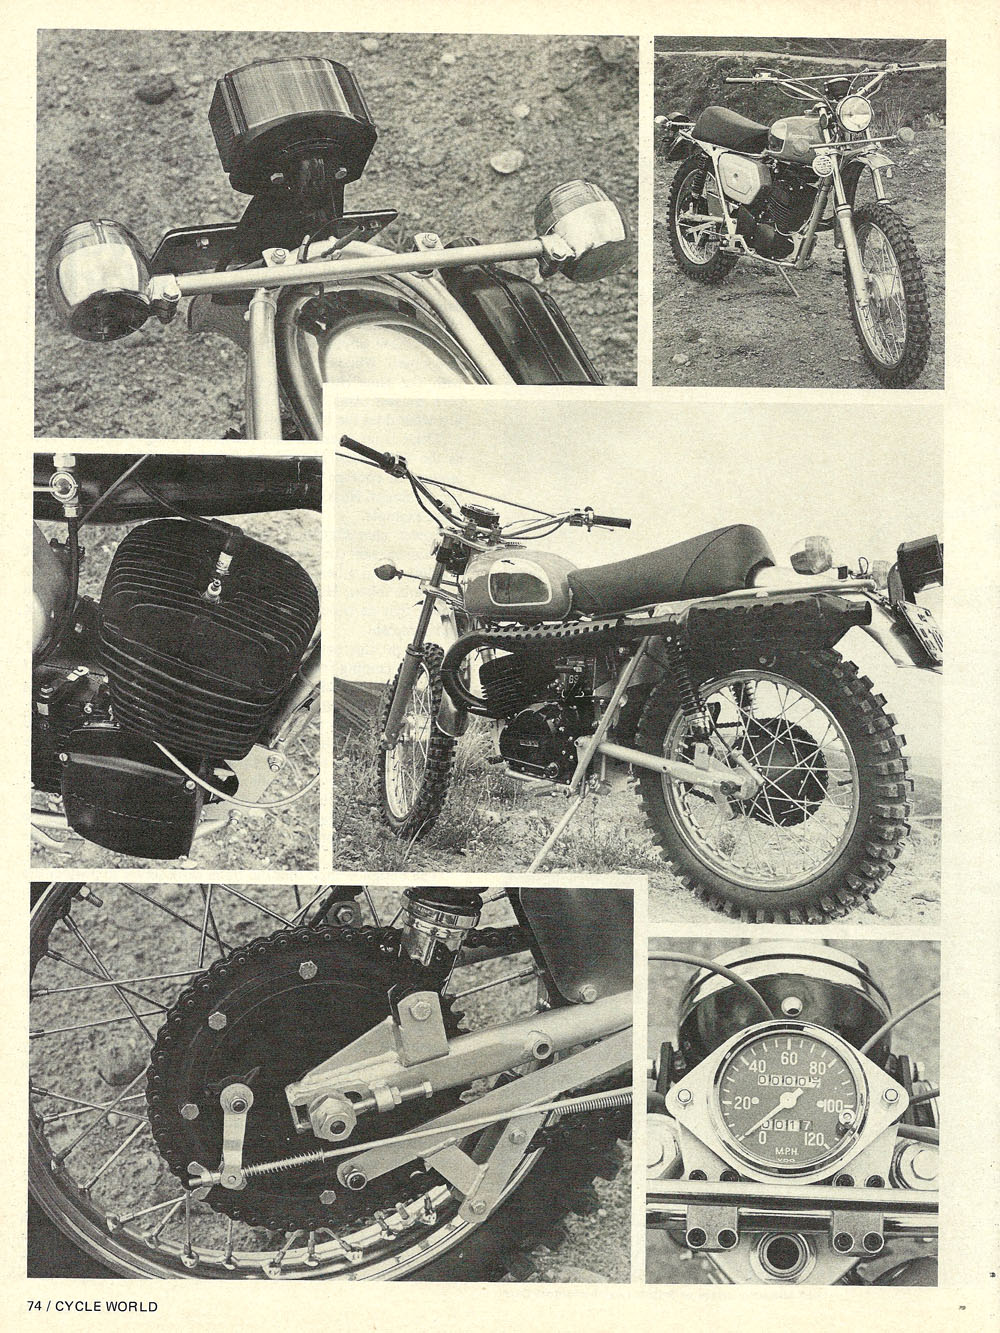 1973 Husqvarna 250 wr road test 03.jpg